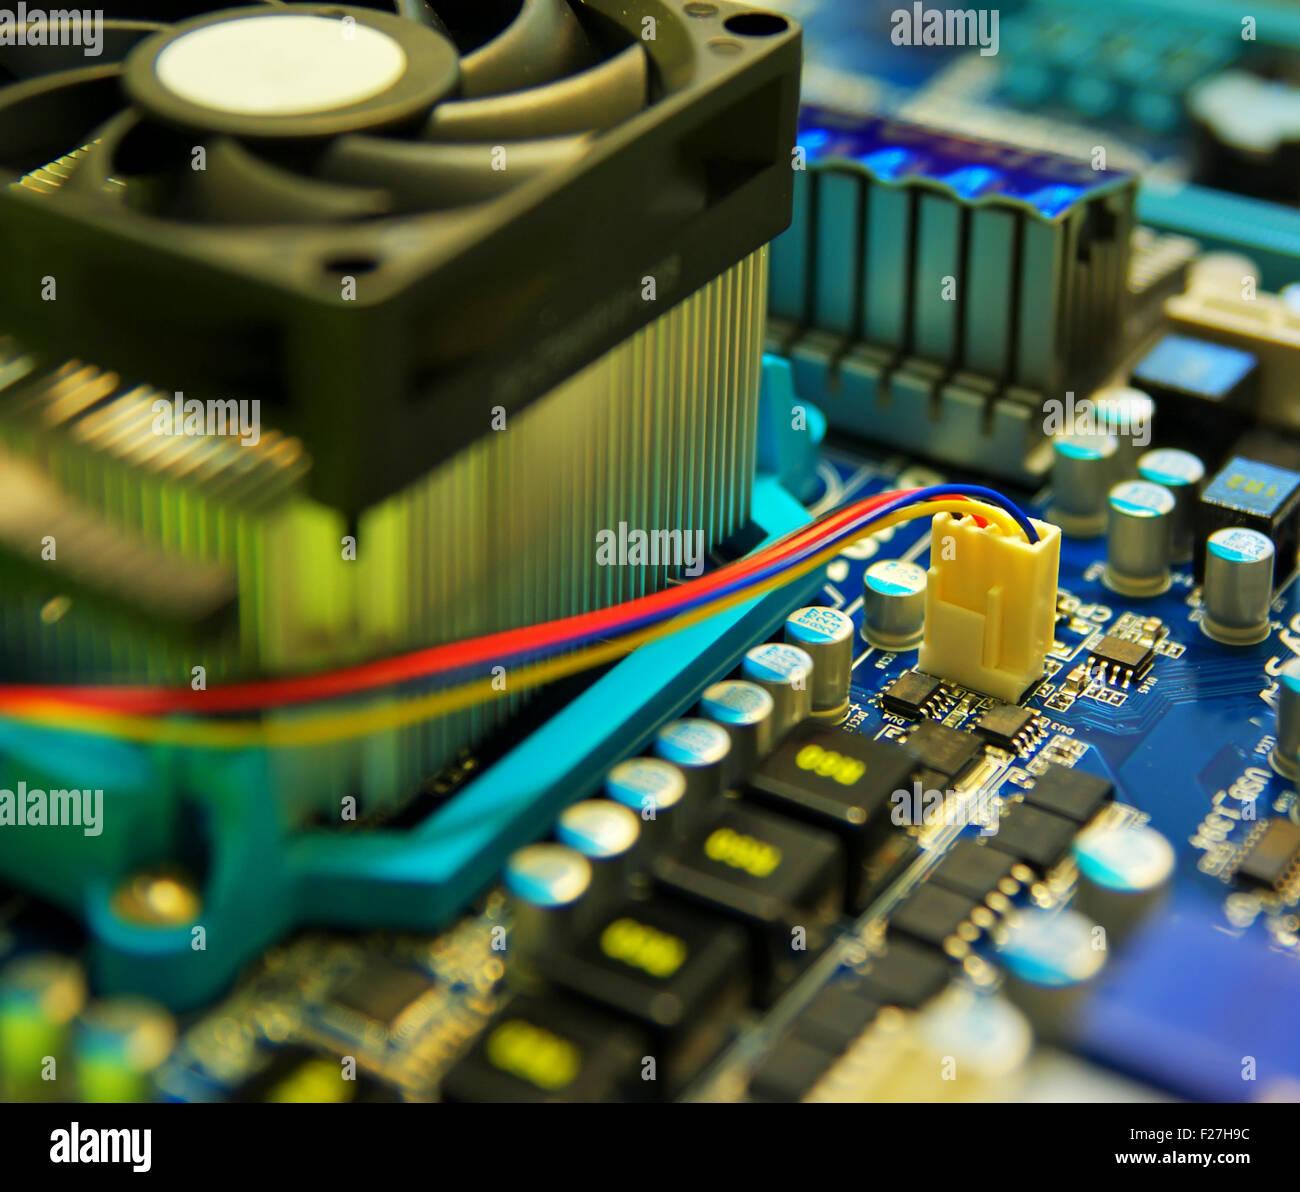 Calcolatore elettronico dispositivo. Profondità di campo. Immagini Stock